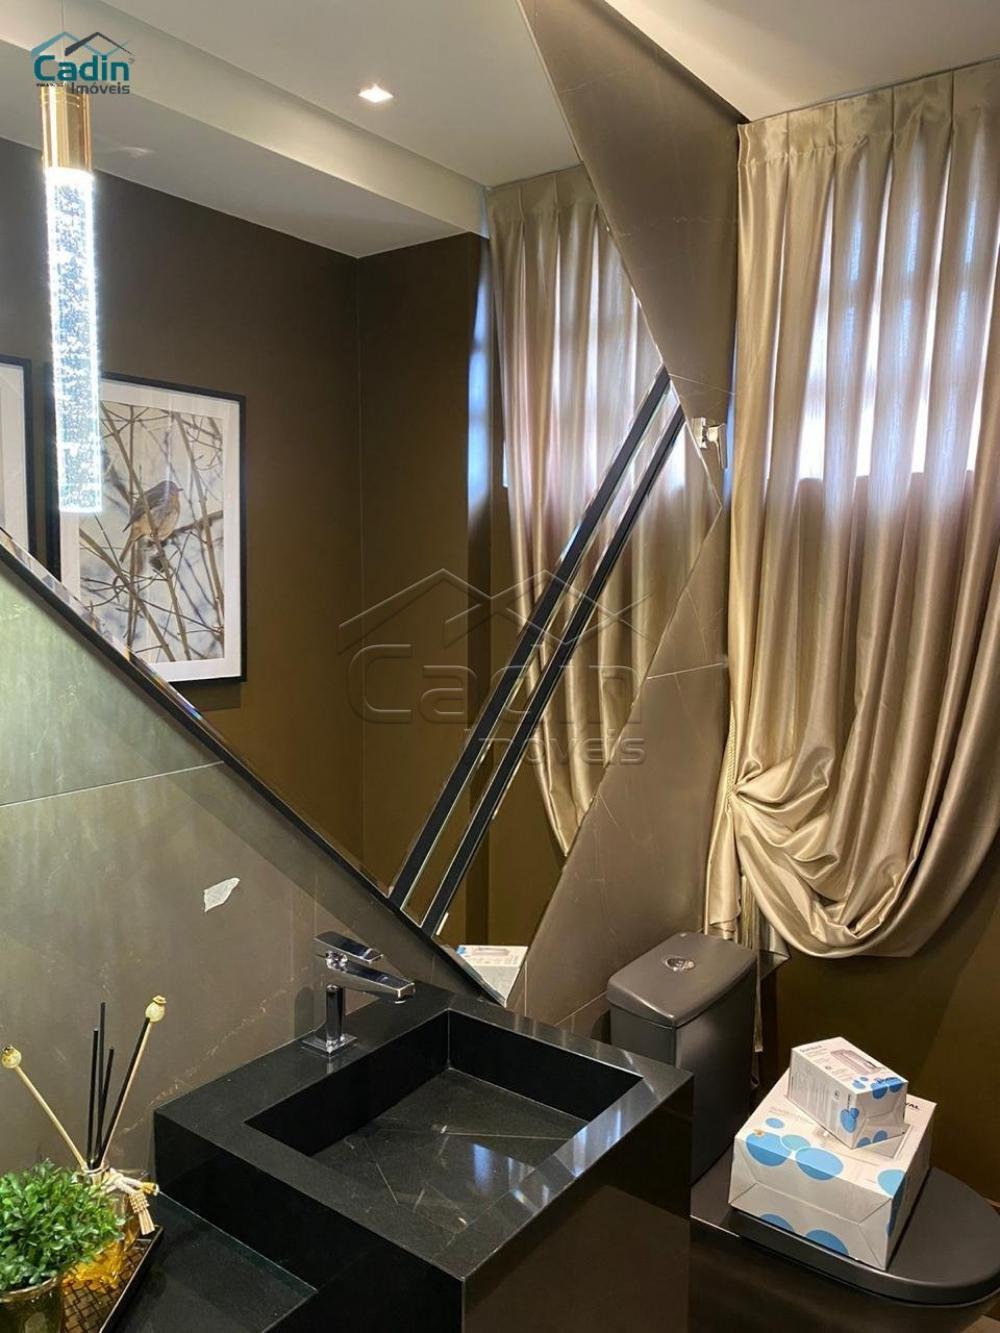 Comprar Apartamento / Padrão em Navegantes R$ 545.361,68 - Foto 42